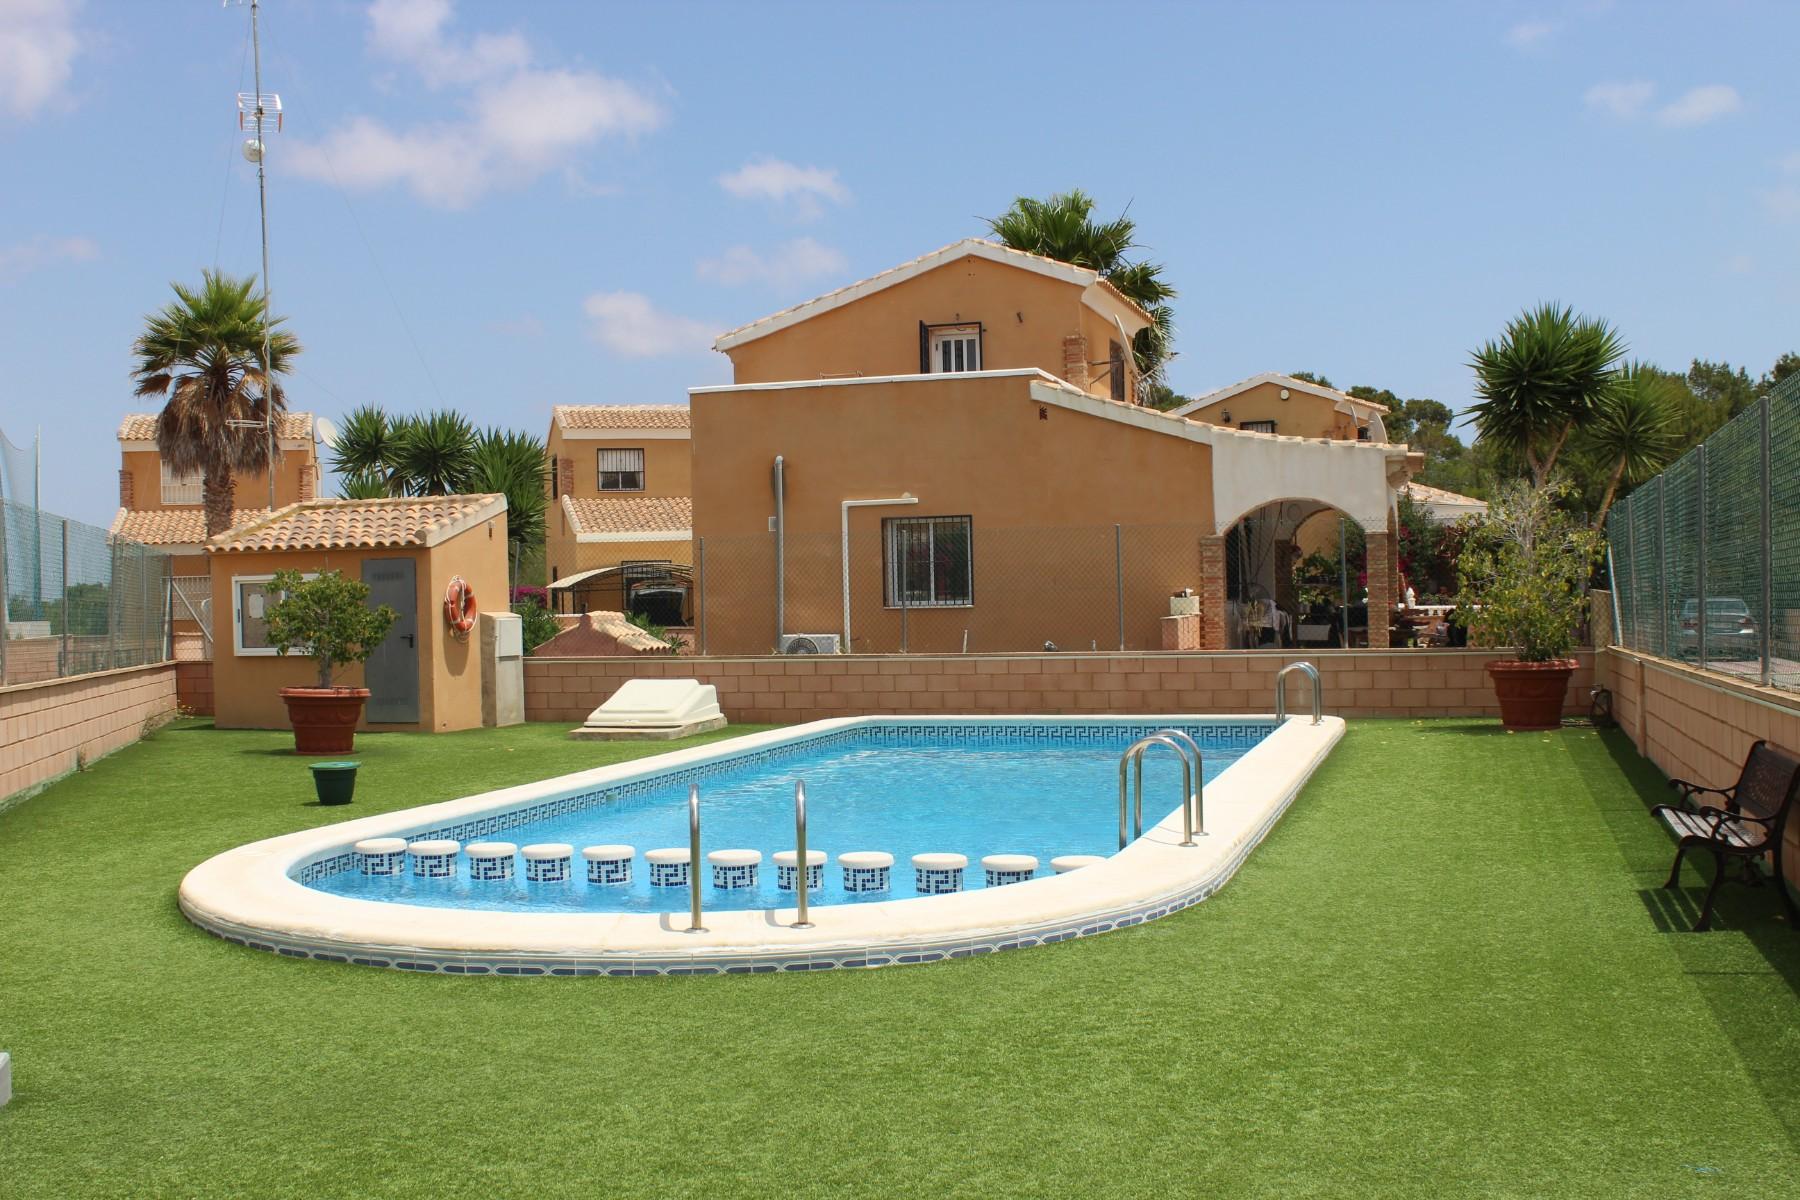 Vrijstaande villa in Los Balcones - Bestaande bouw